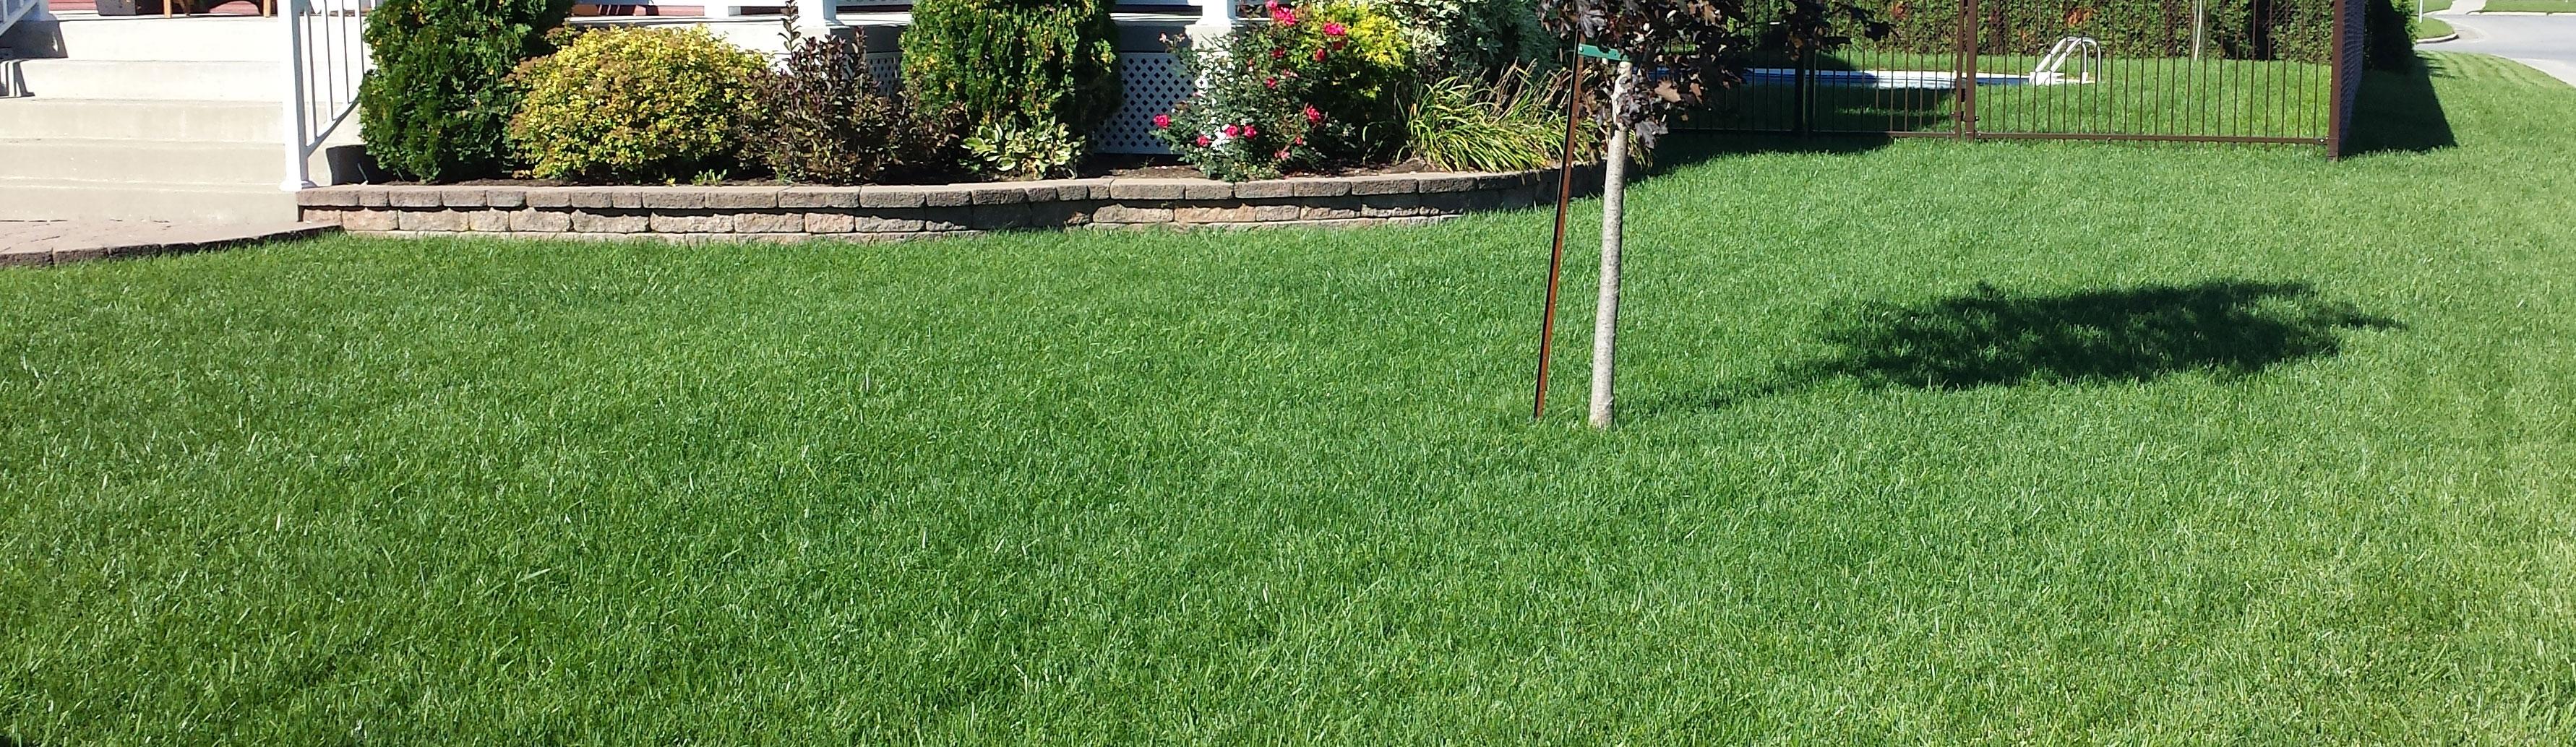 entretien-pelouse-mapelouse3c